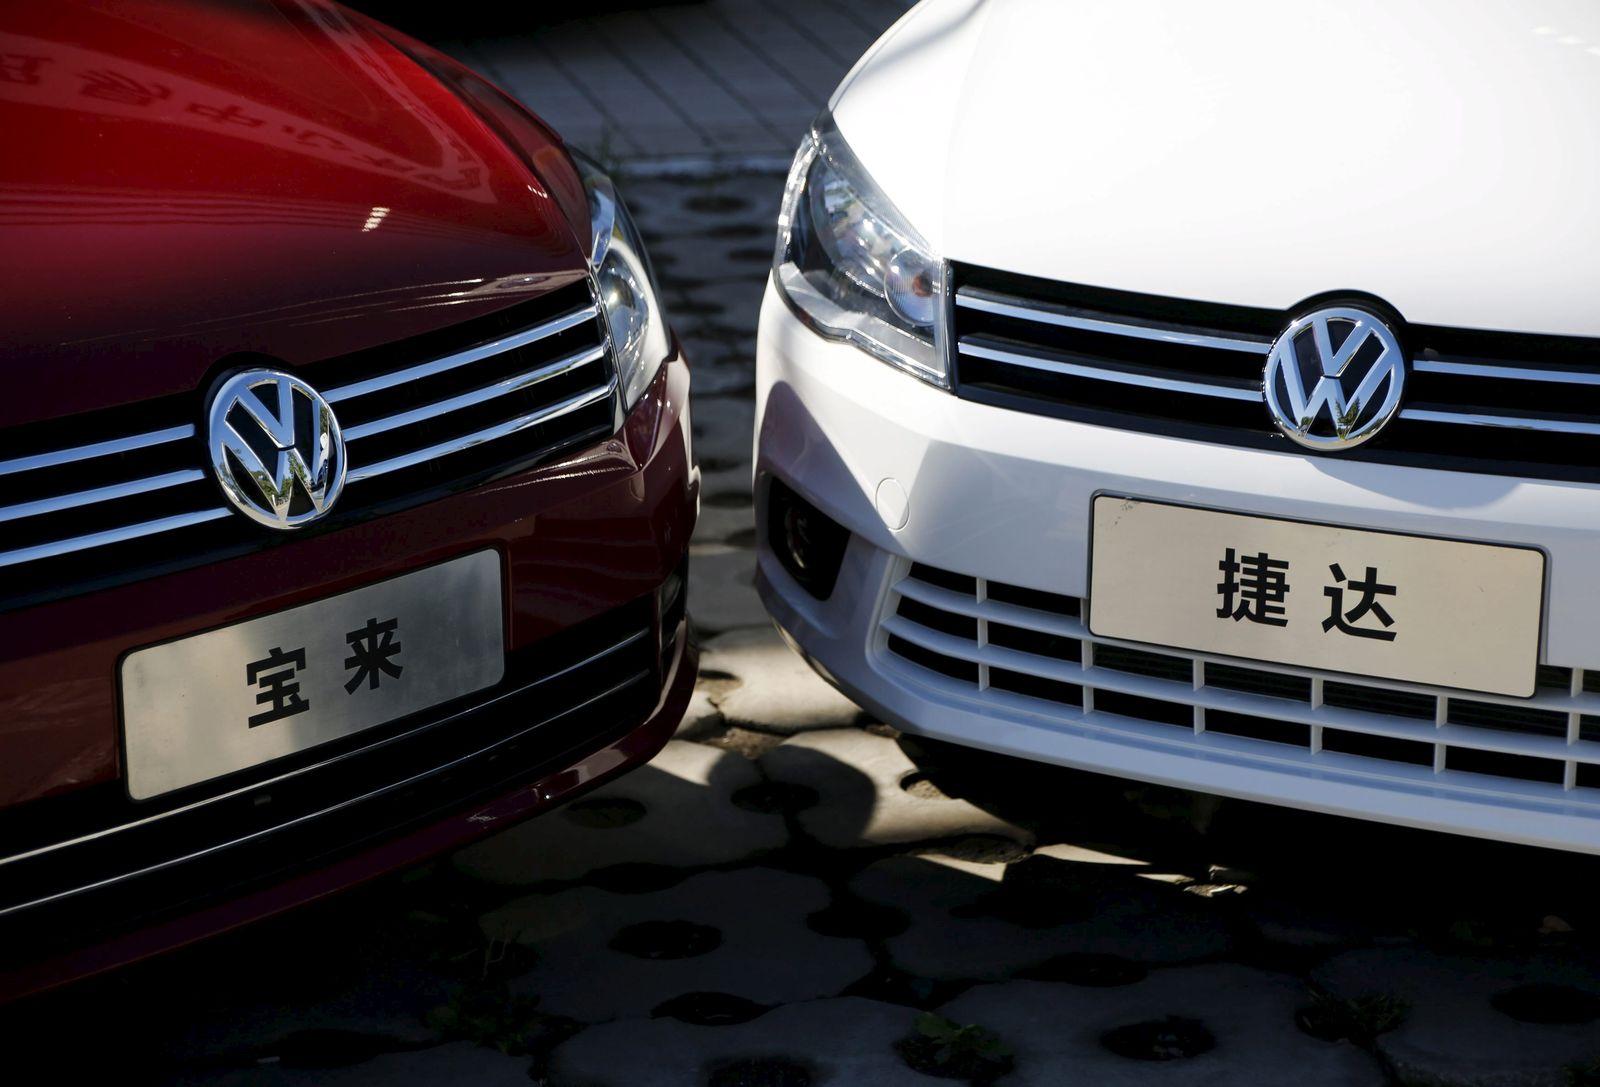 Volkswagen VW China